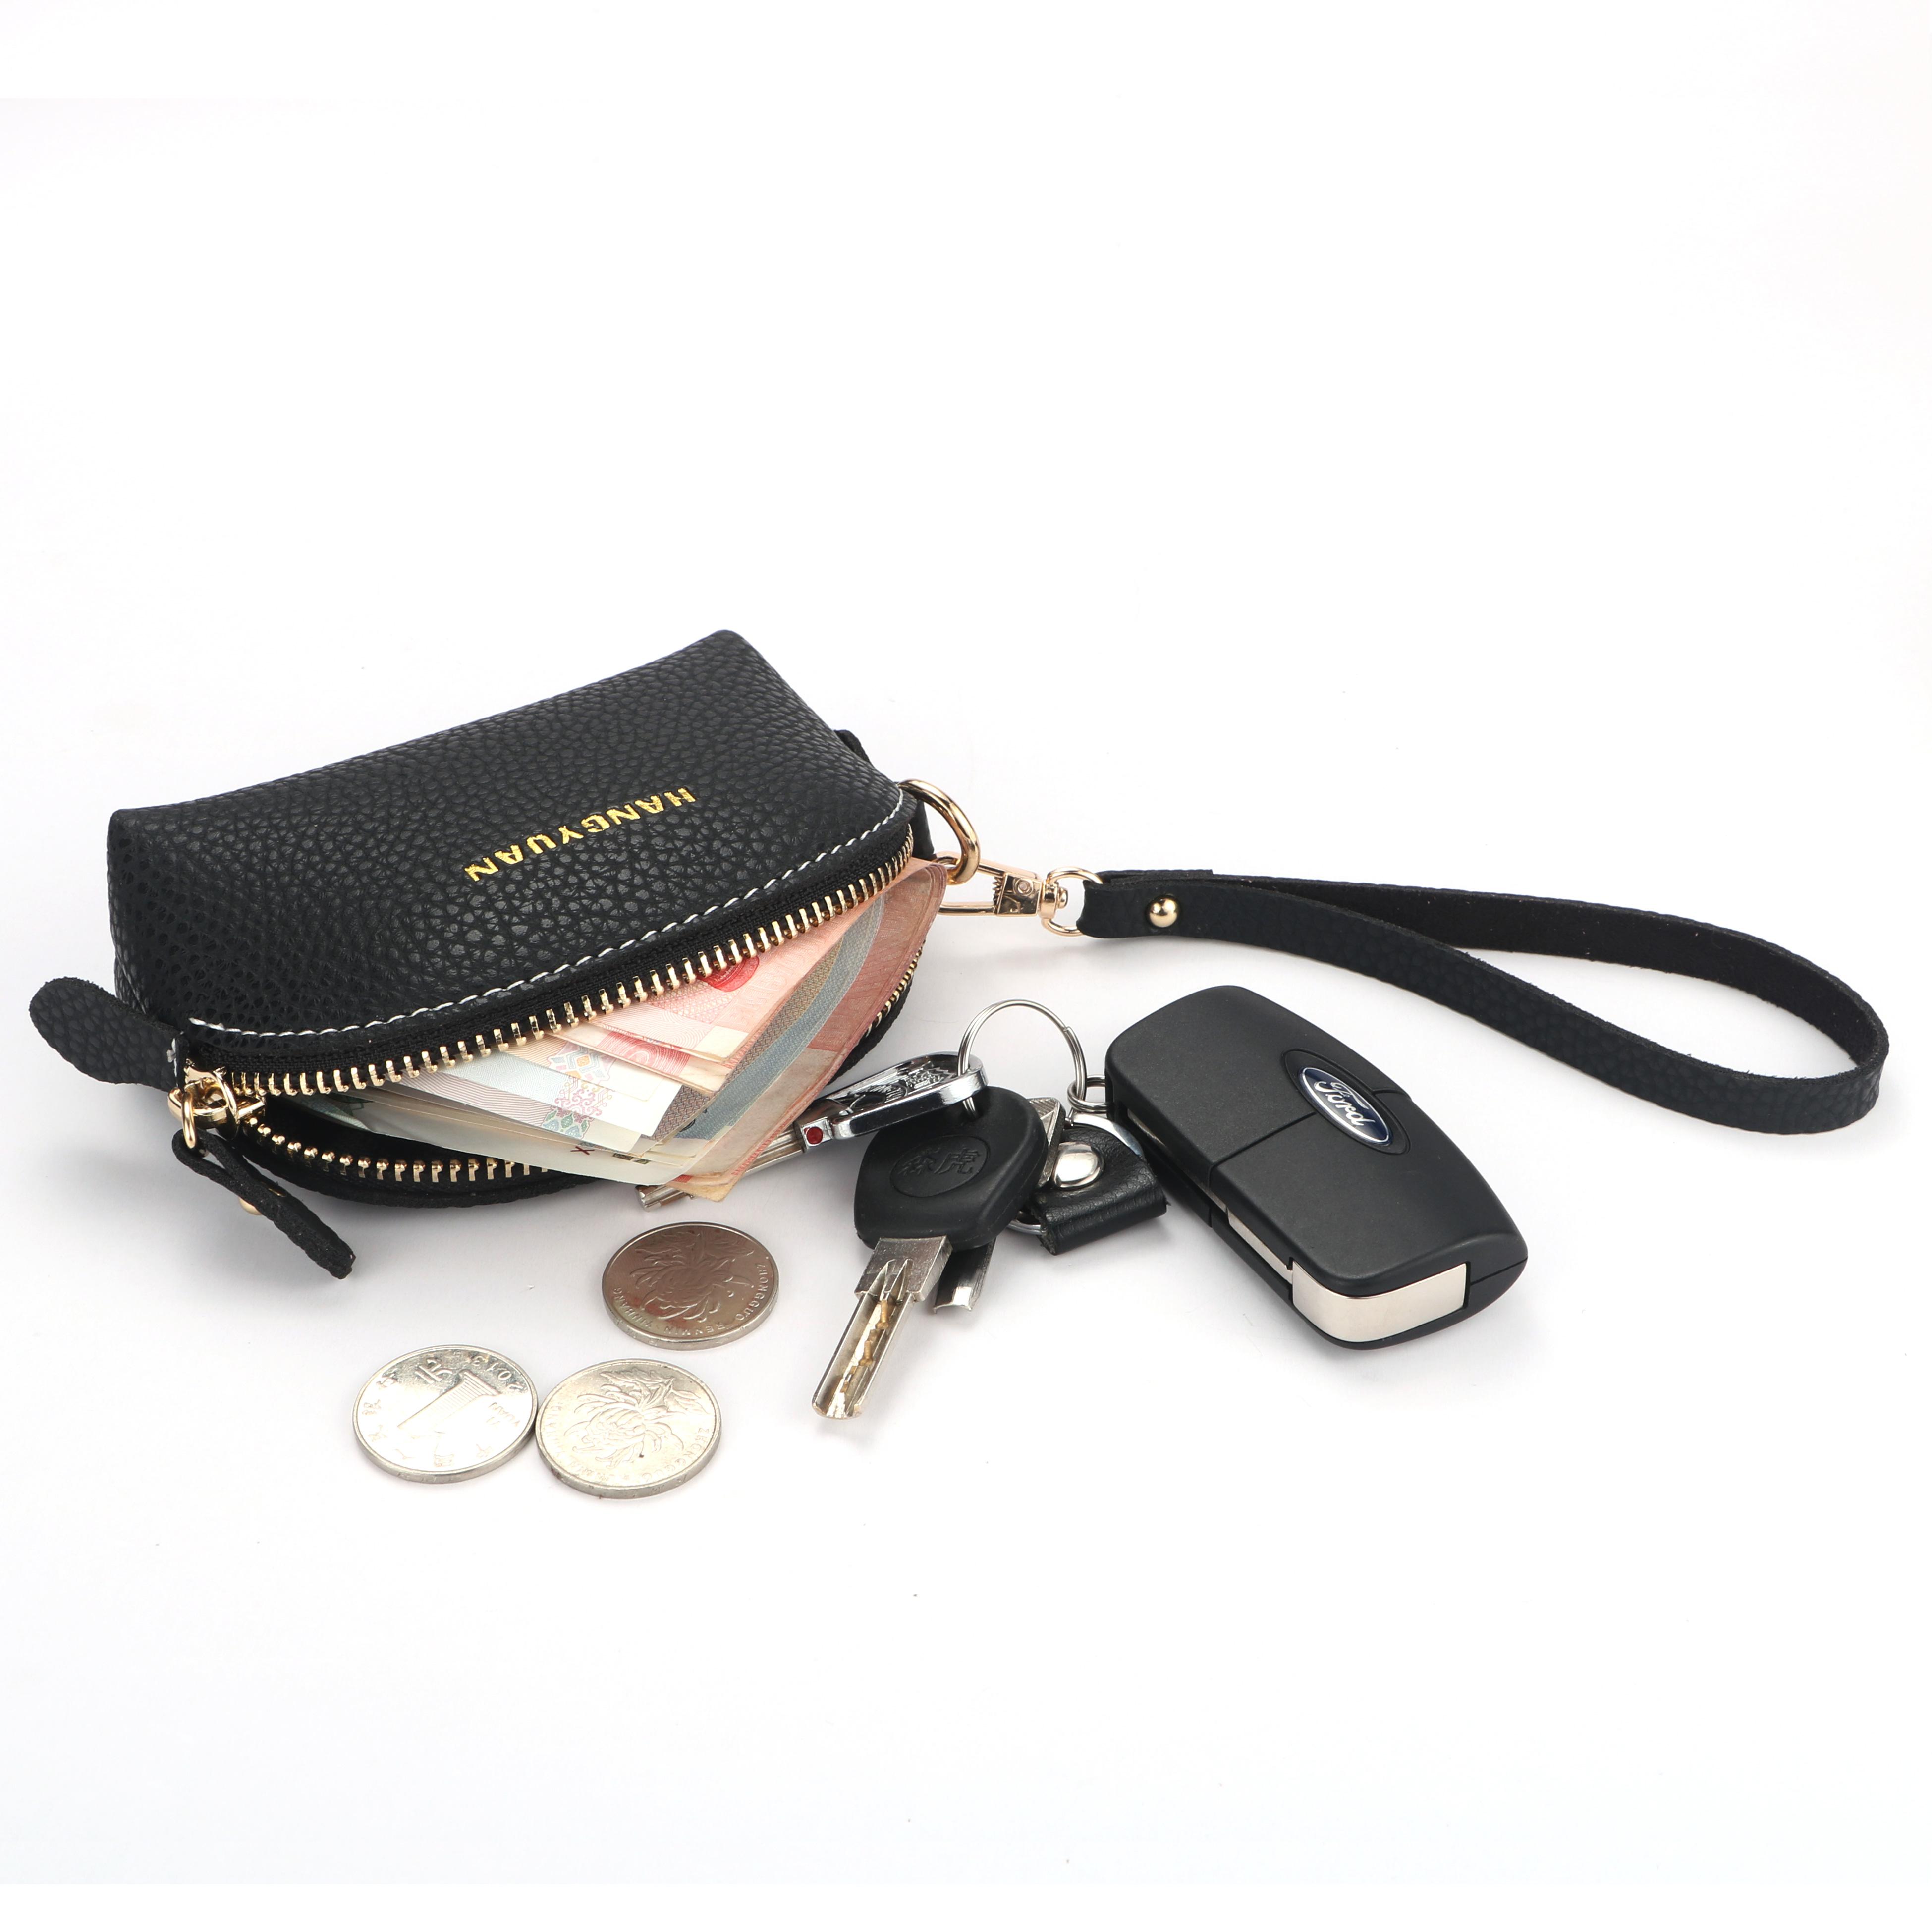 航媛韩版PU超纤皮迷你零钱包女手腕带小包硬币包拉链钥匙包手拿包